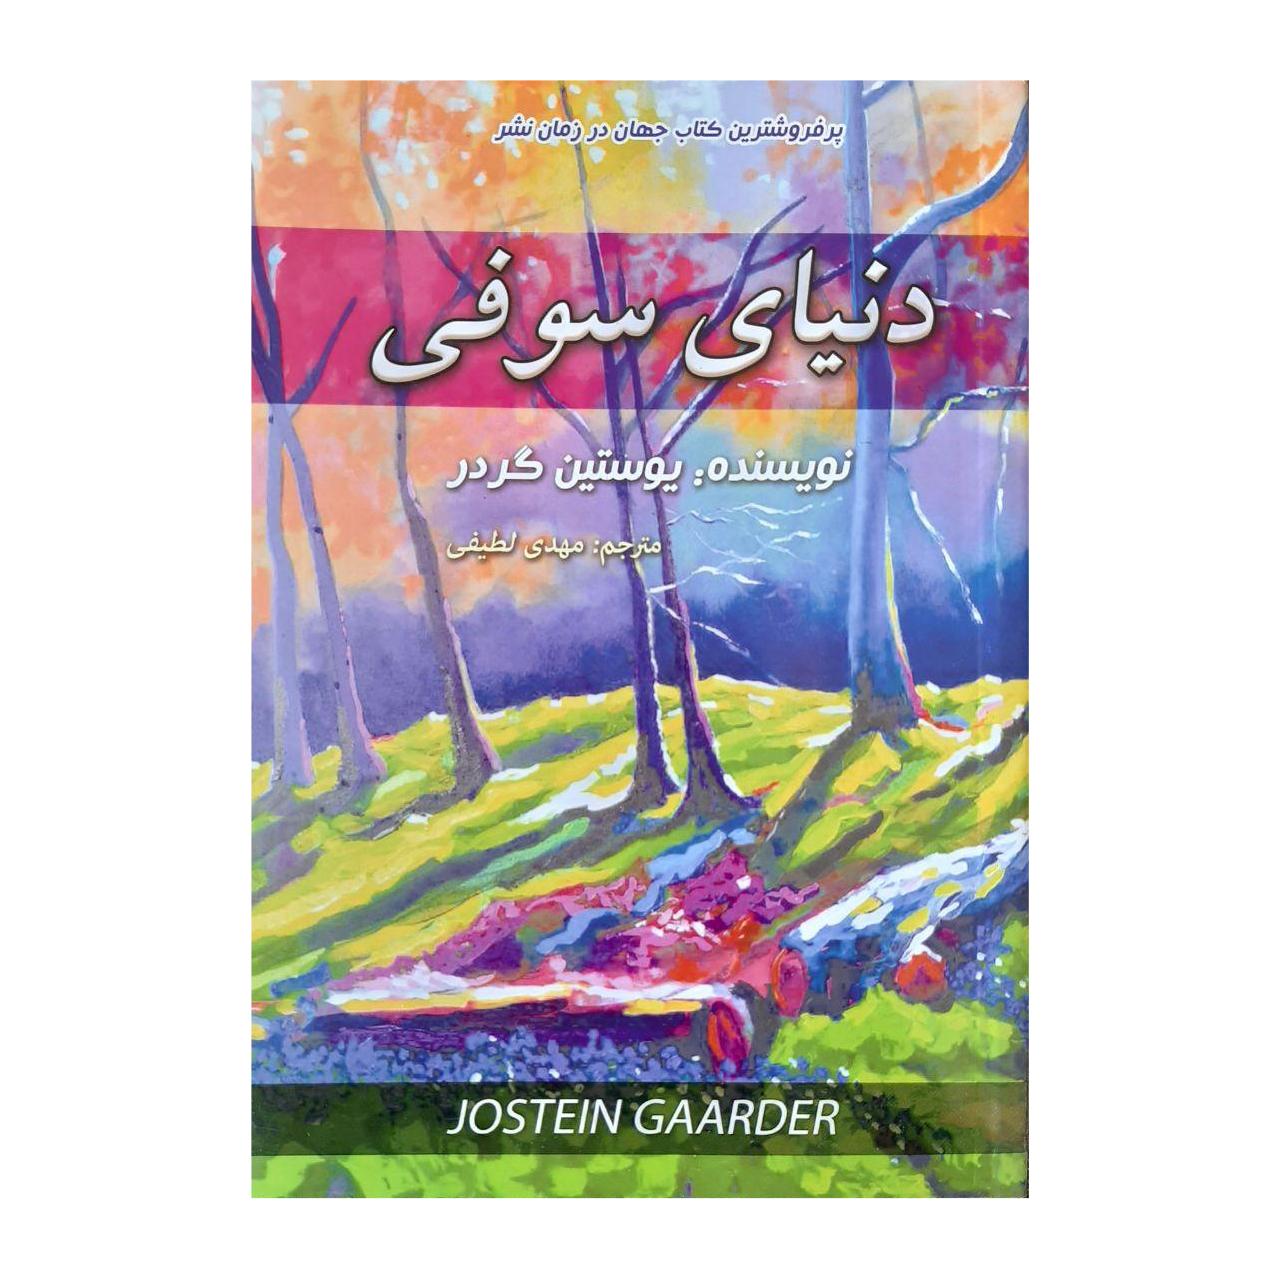 کتاب دنیای سوفی اثر یوستین گردر انتشارات حباب